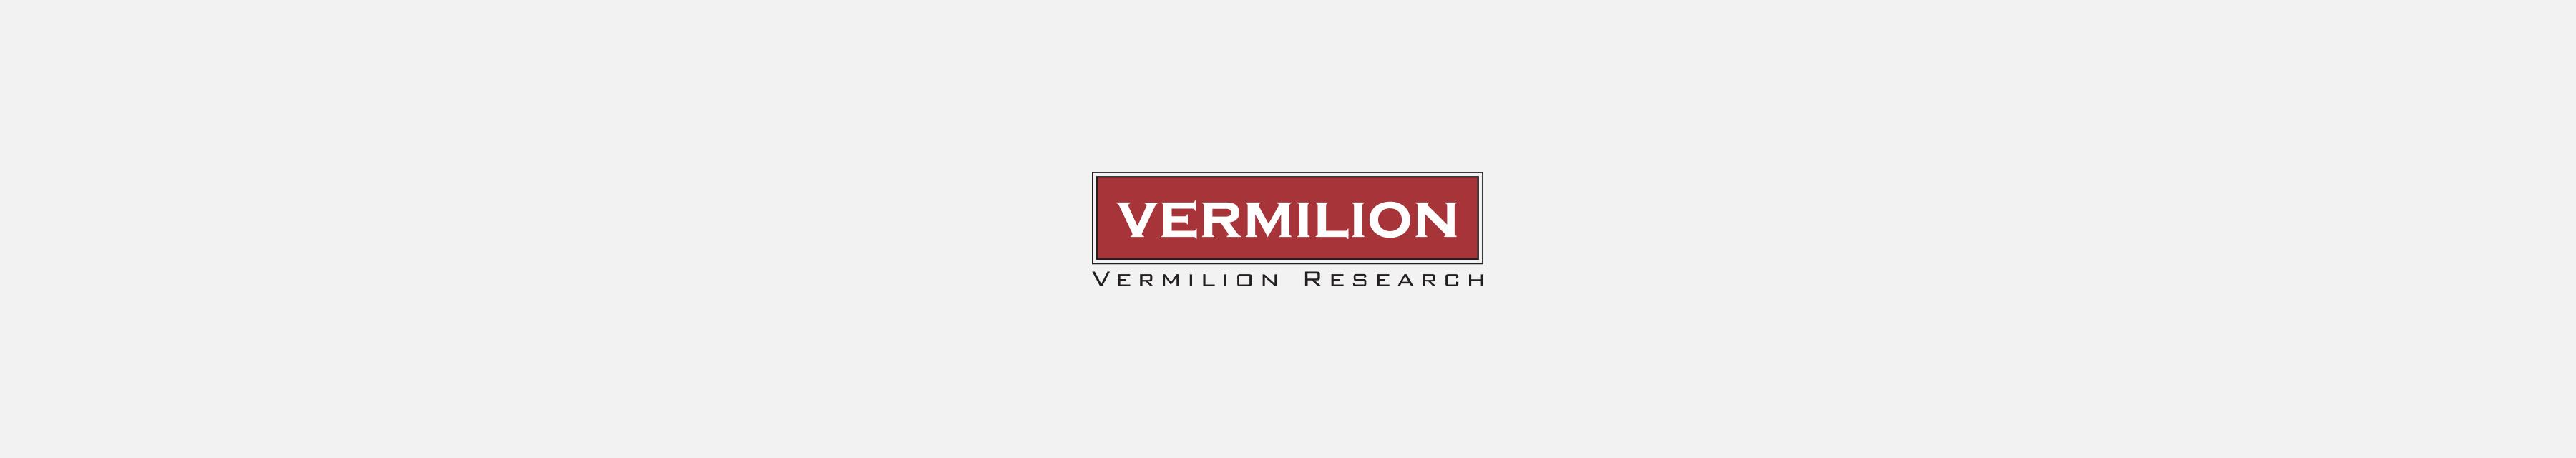 Vermilion Research